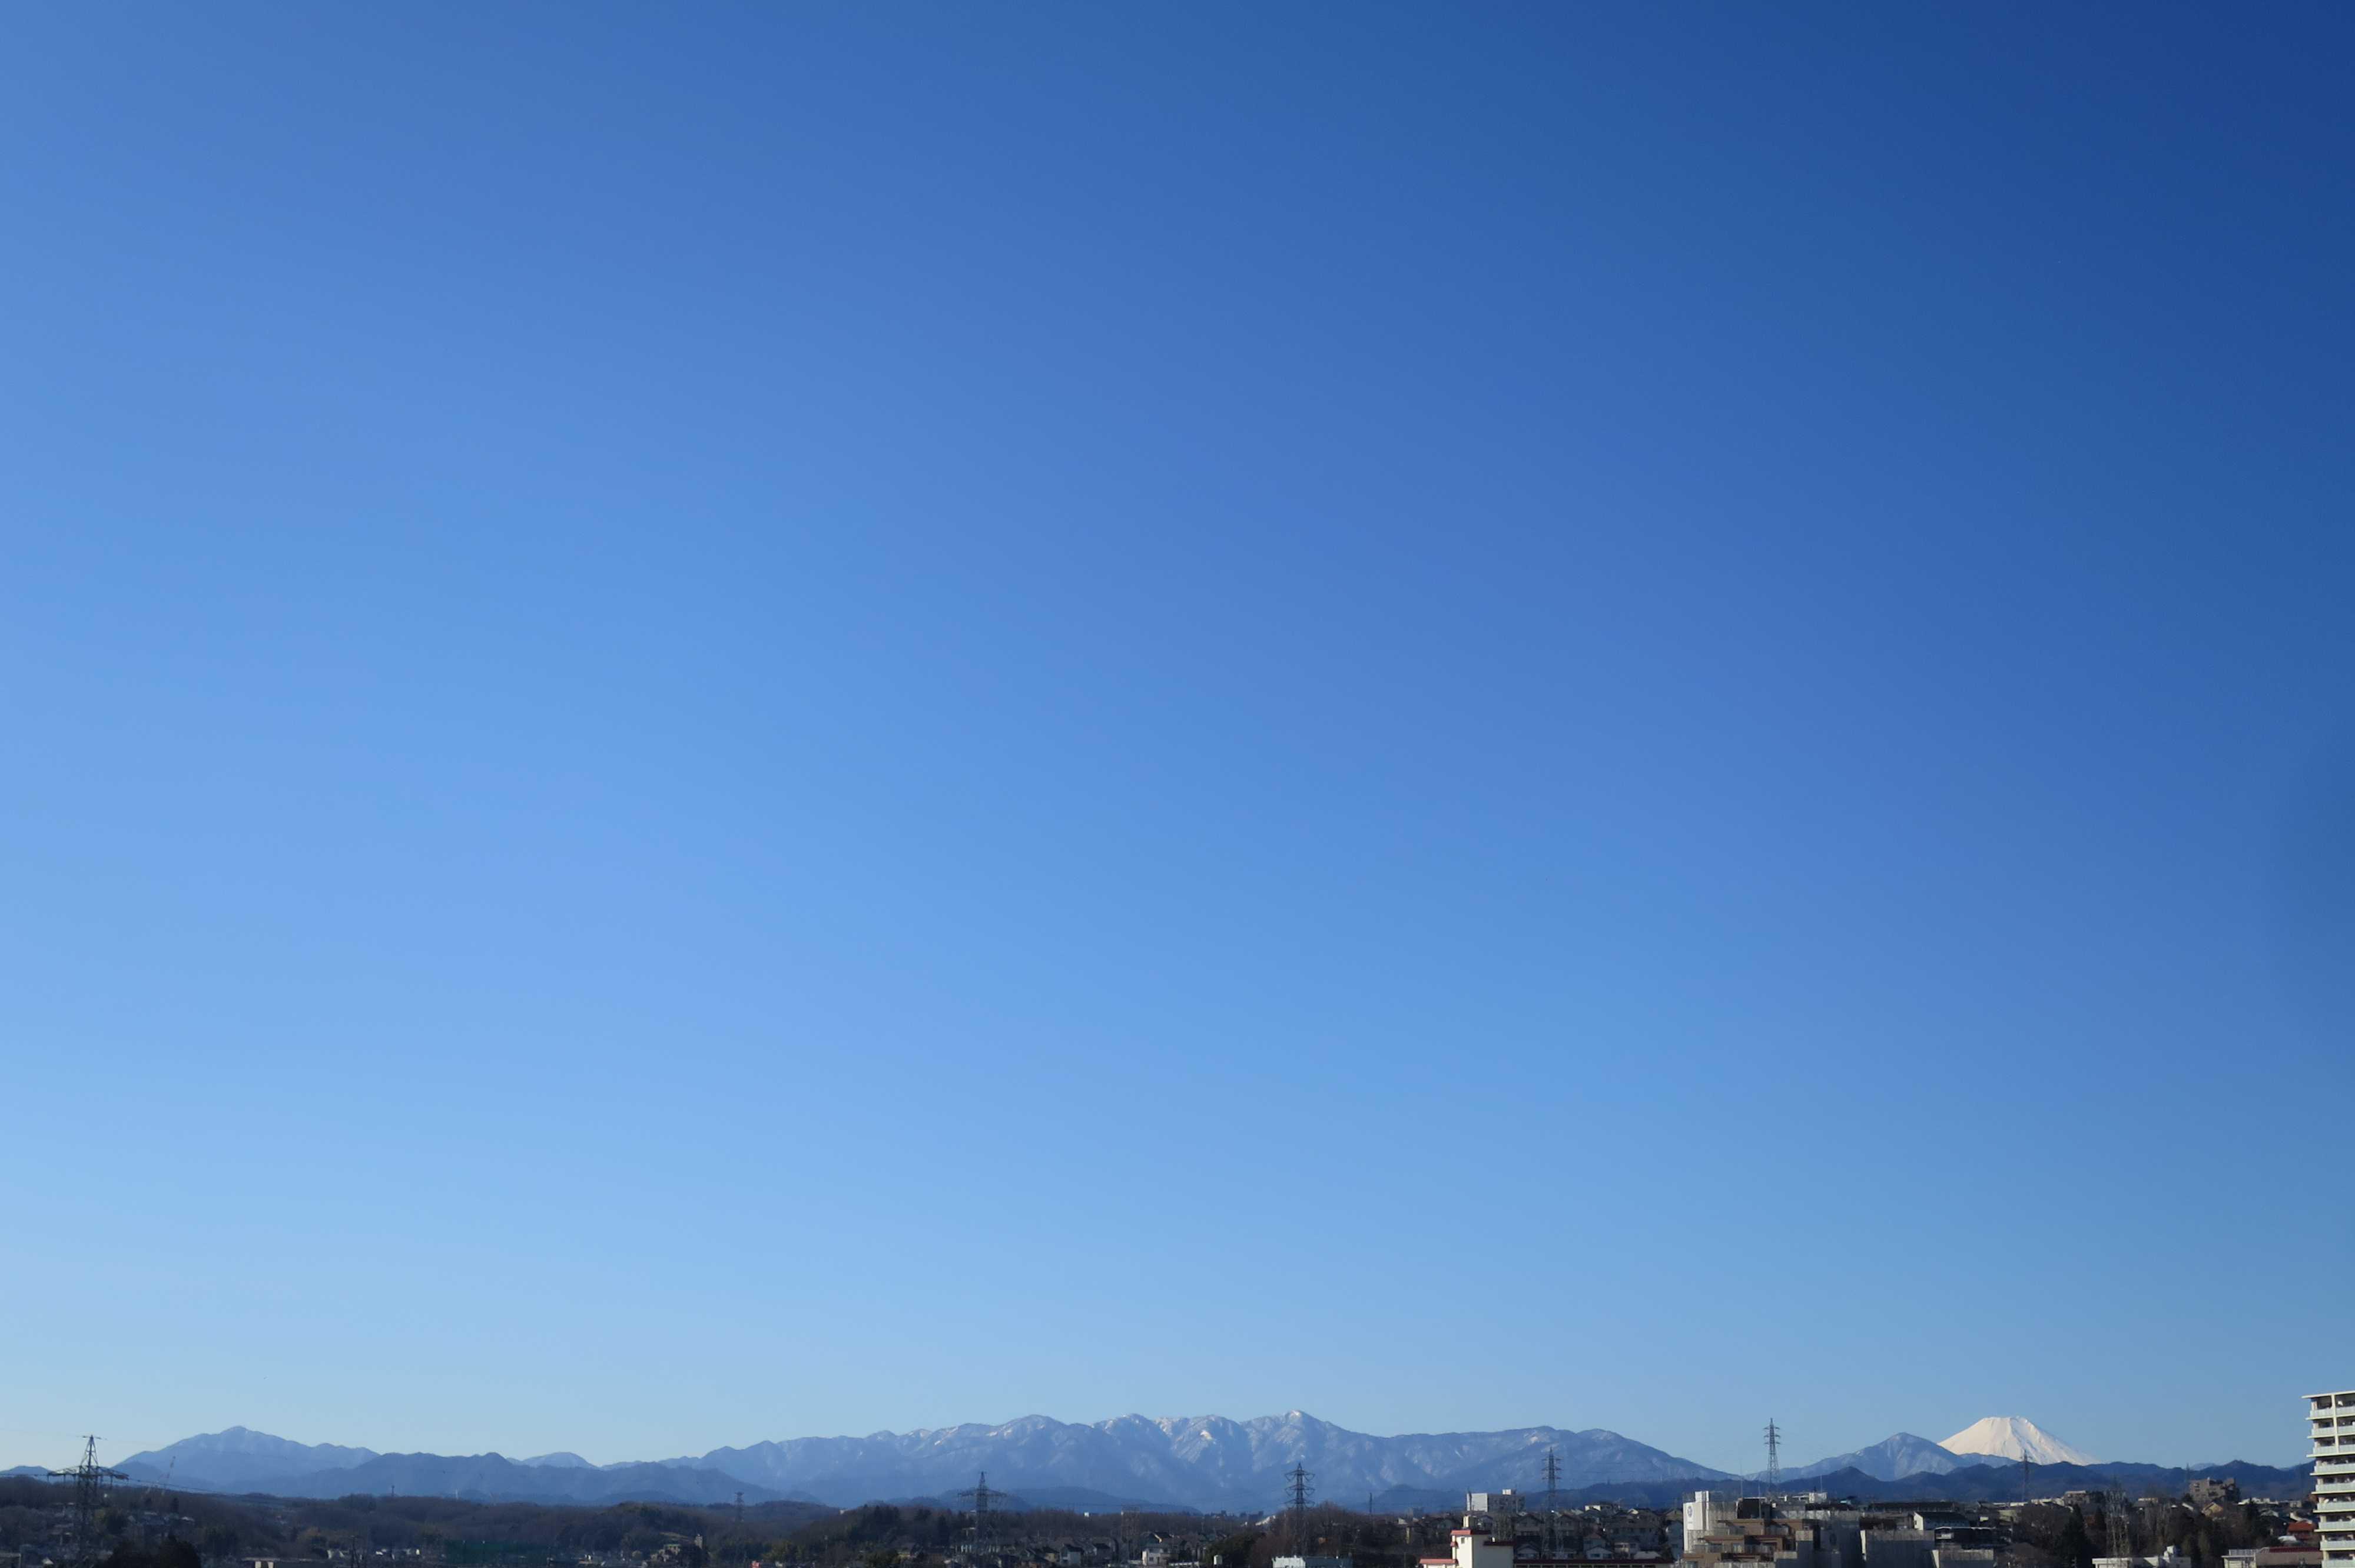 富士山が見られるビューポイント・富士山が見られる写真撮影スポット